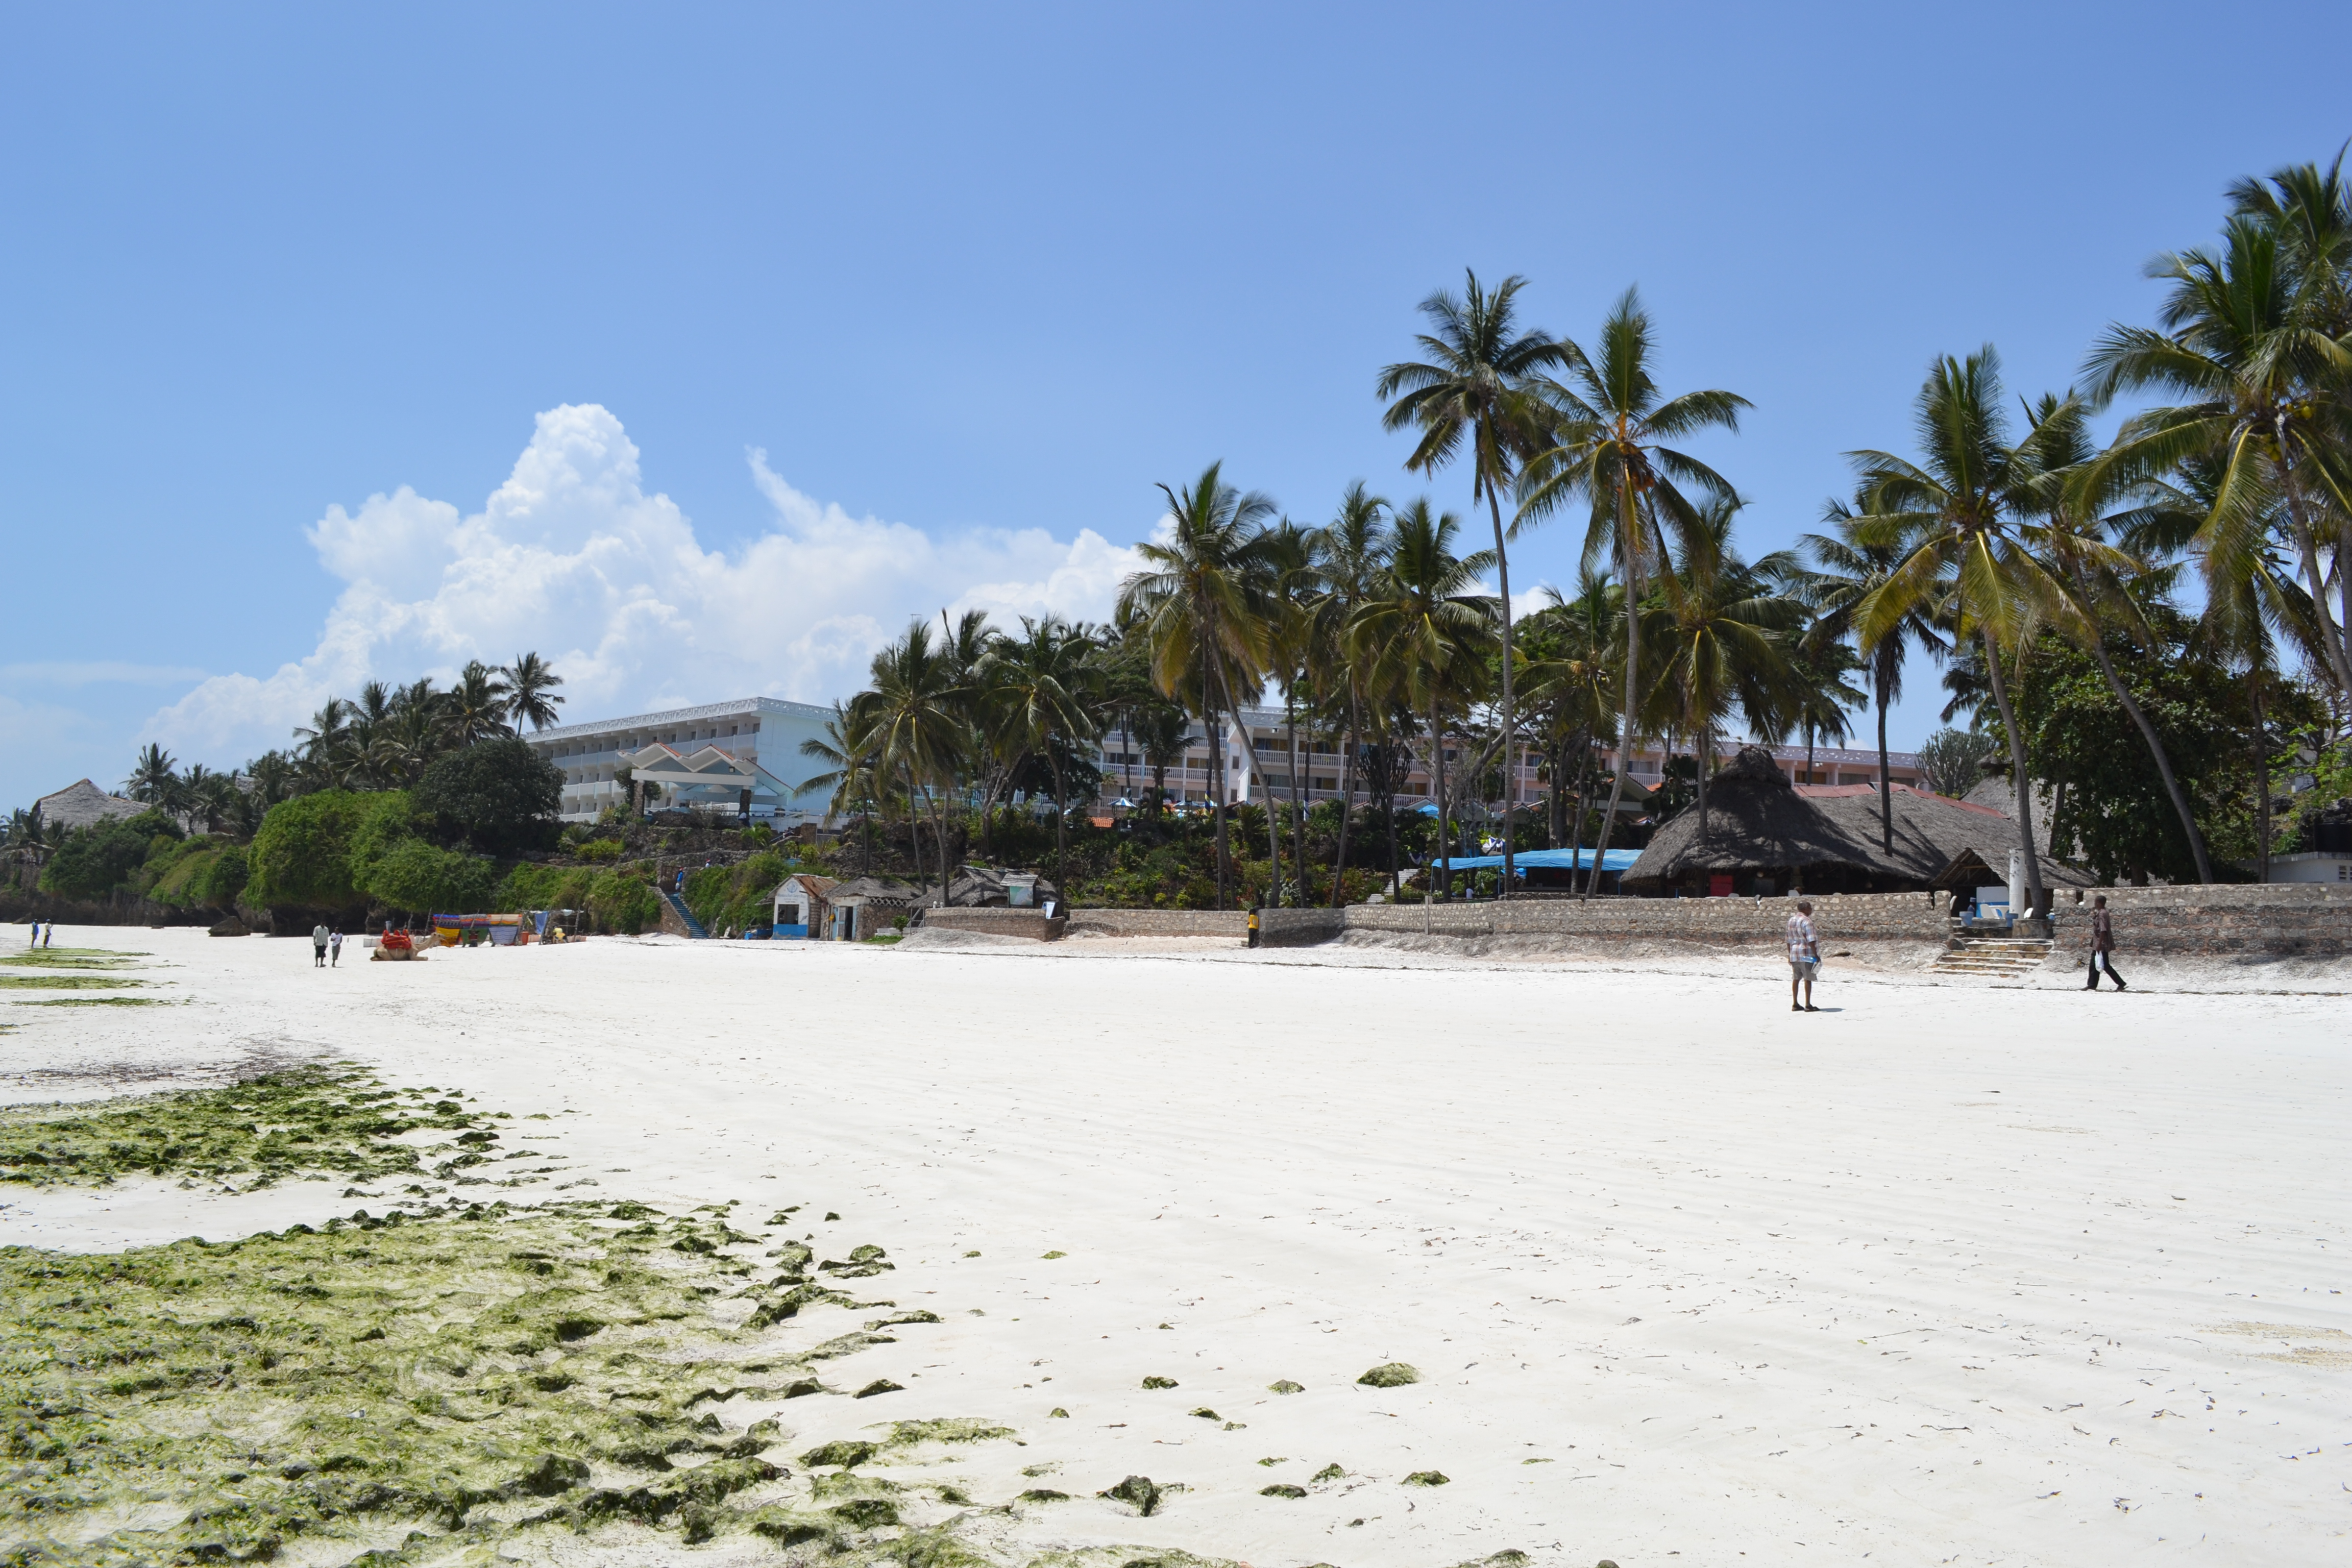 Mombasa Beach Hotel